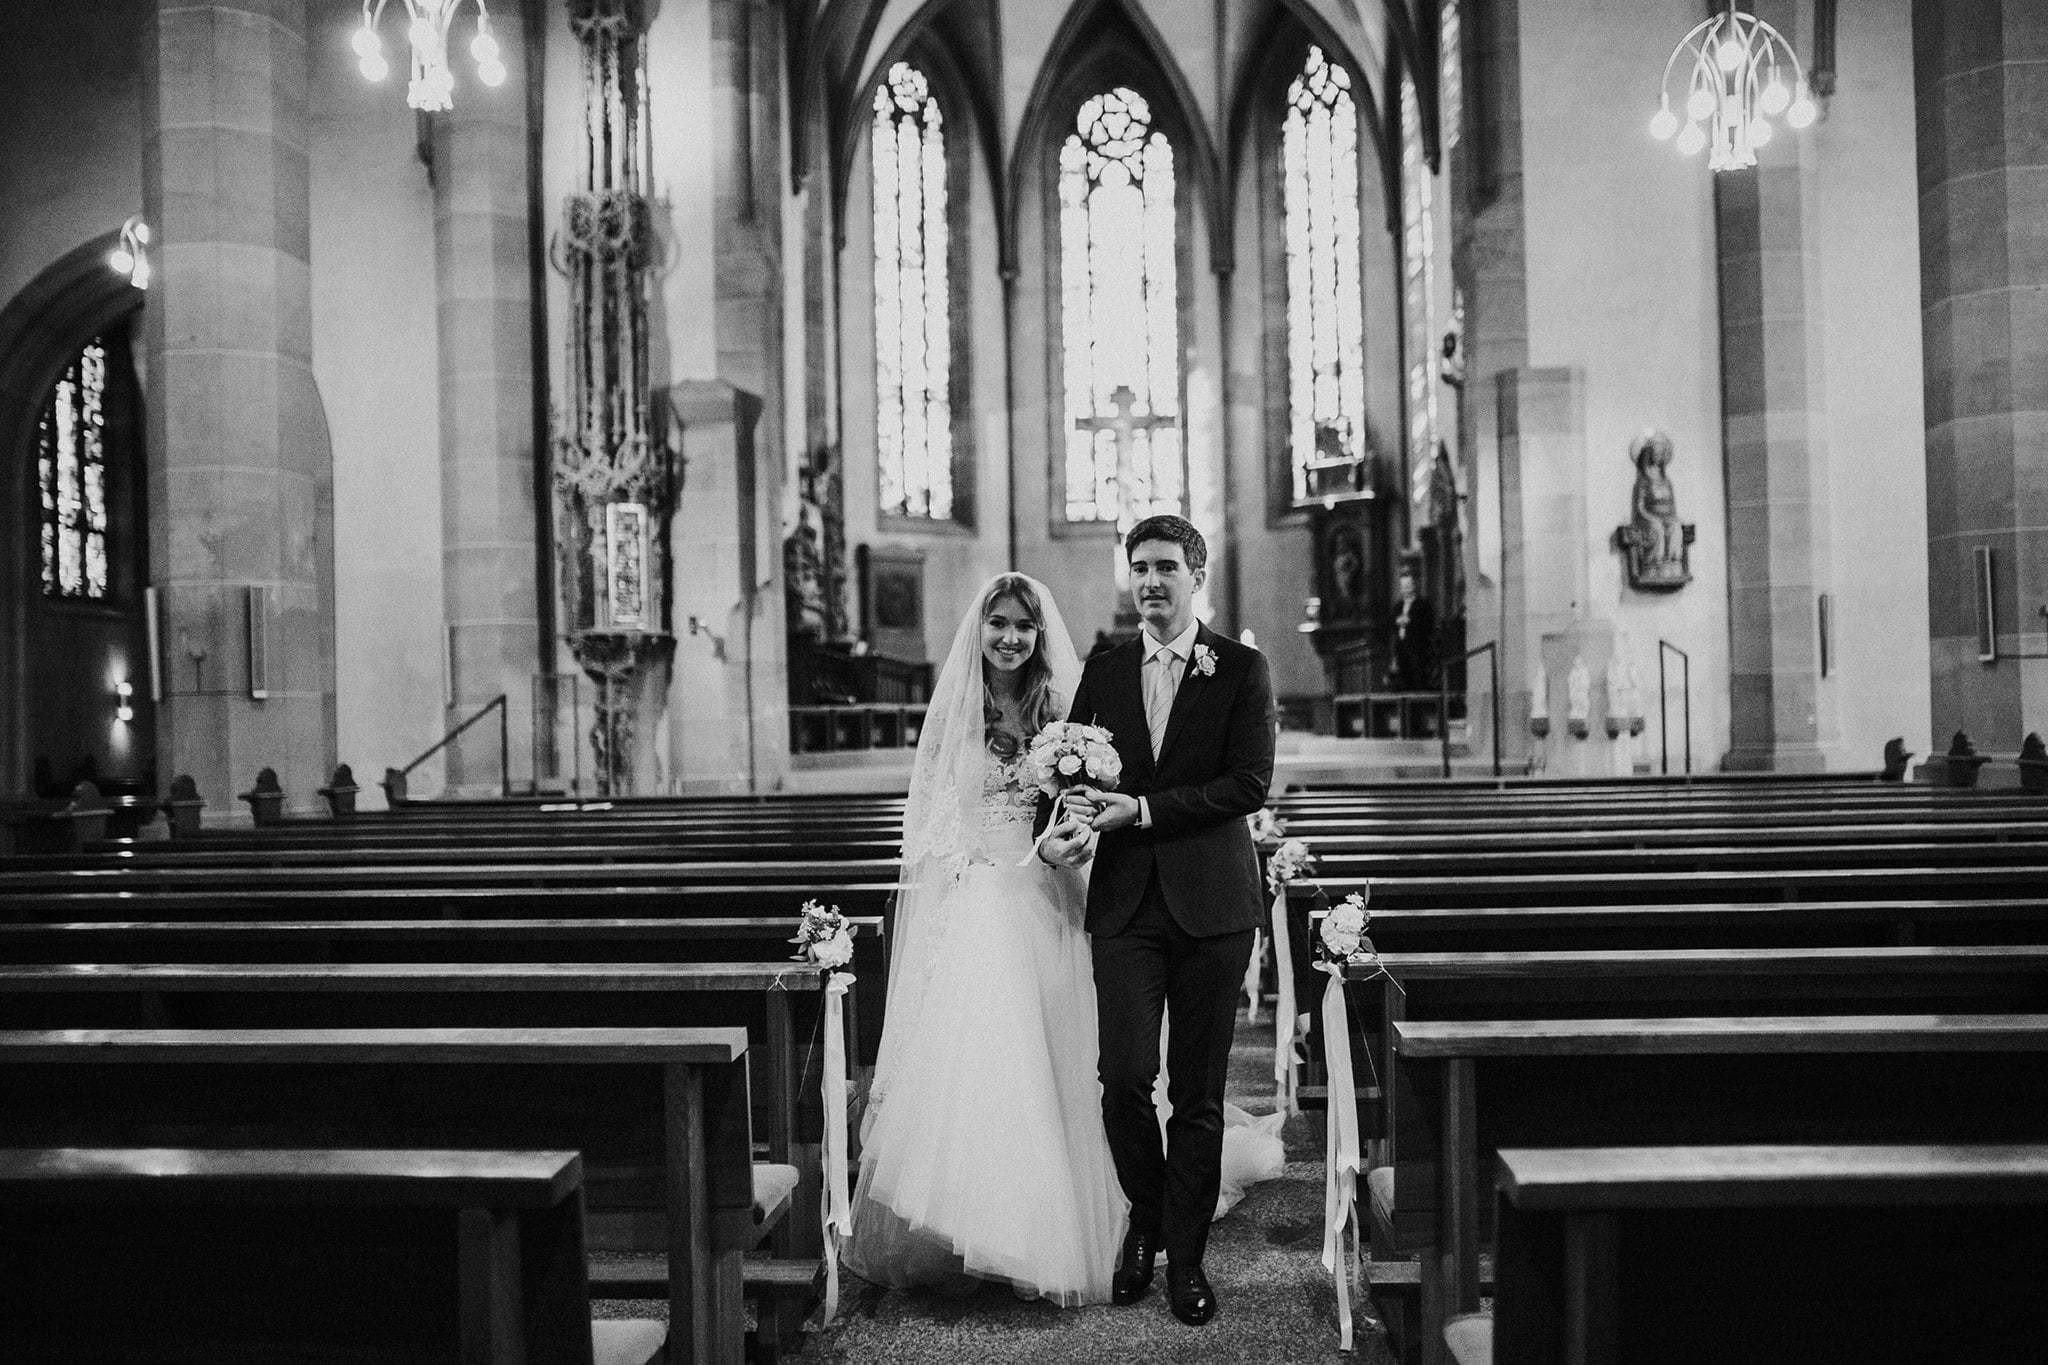 Trouwen In De Kerk Theperfectwedding Nl